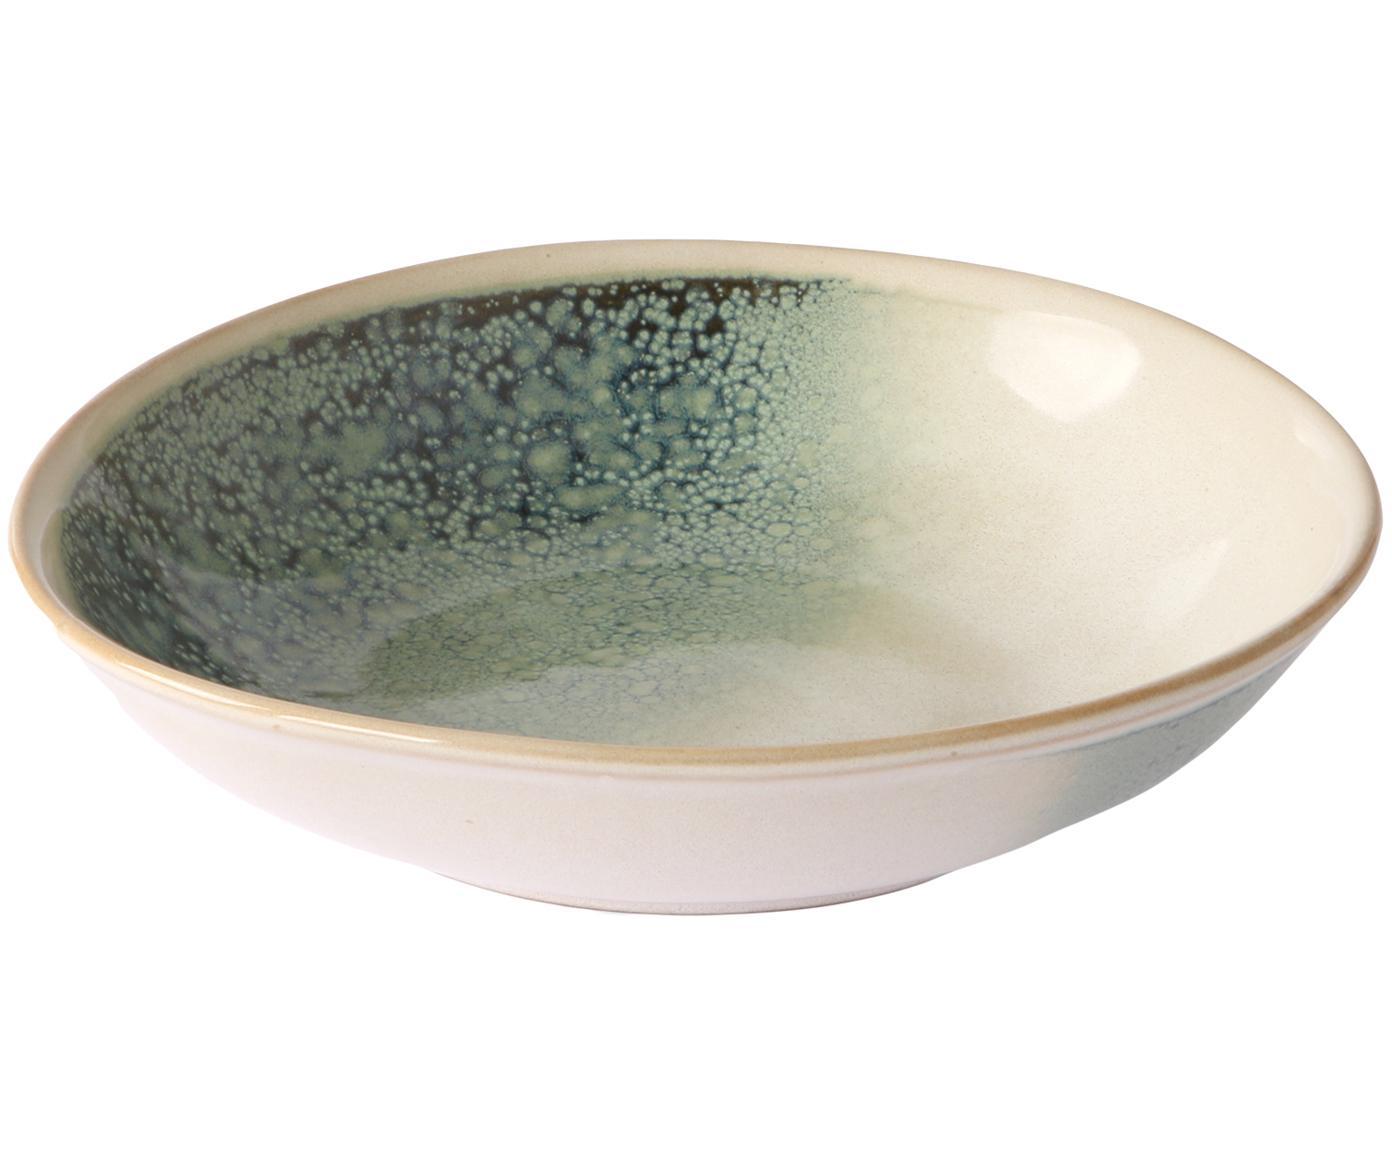 Handgemachtes Suppenteller-Set 70's, 2-tlg., Keramik, Grüntöne, Beige, 21 x 5 cm